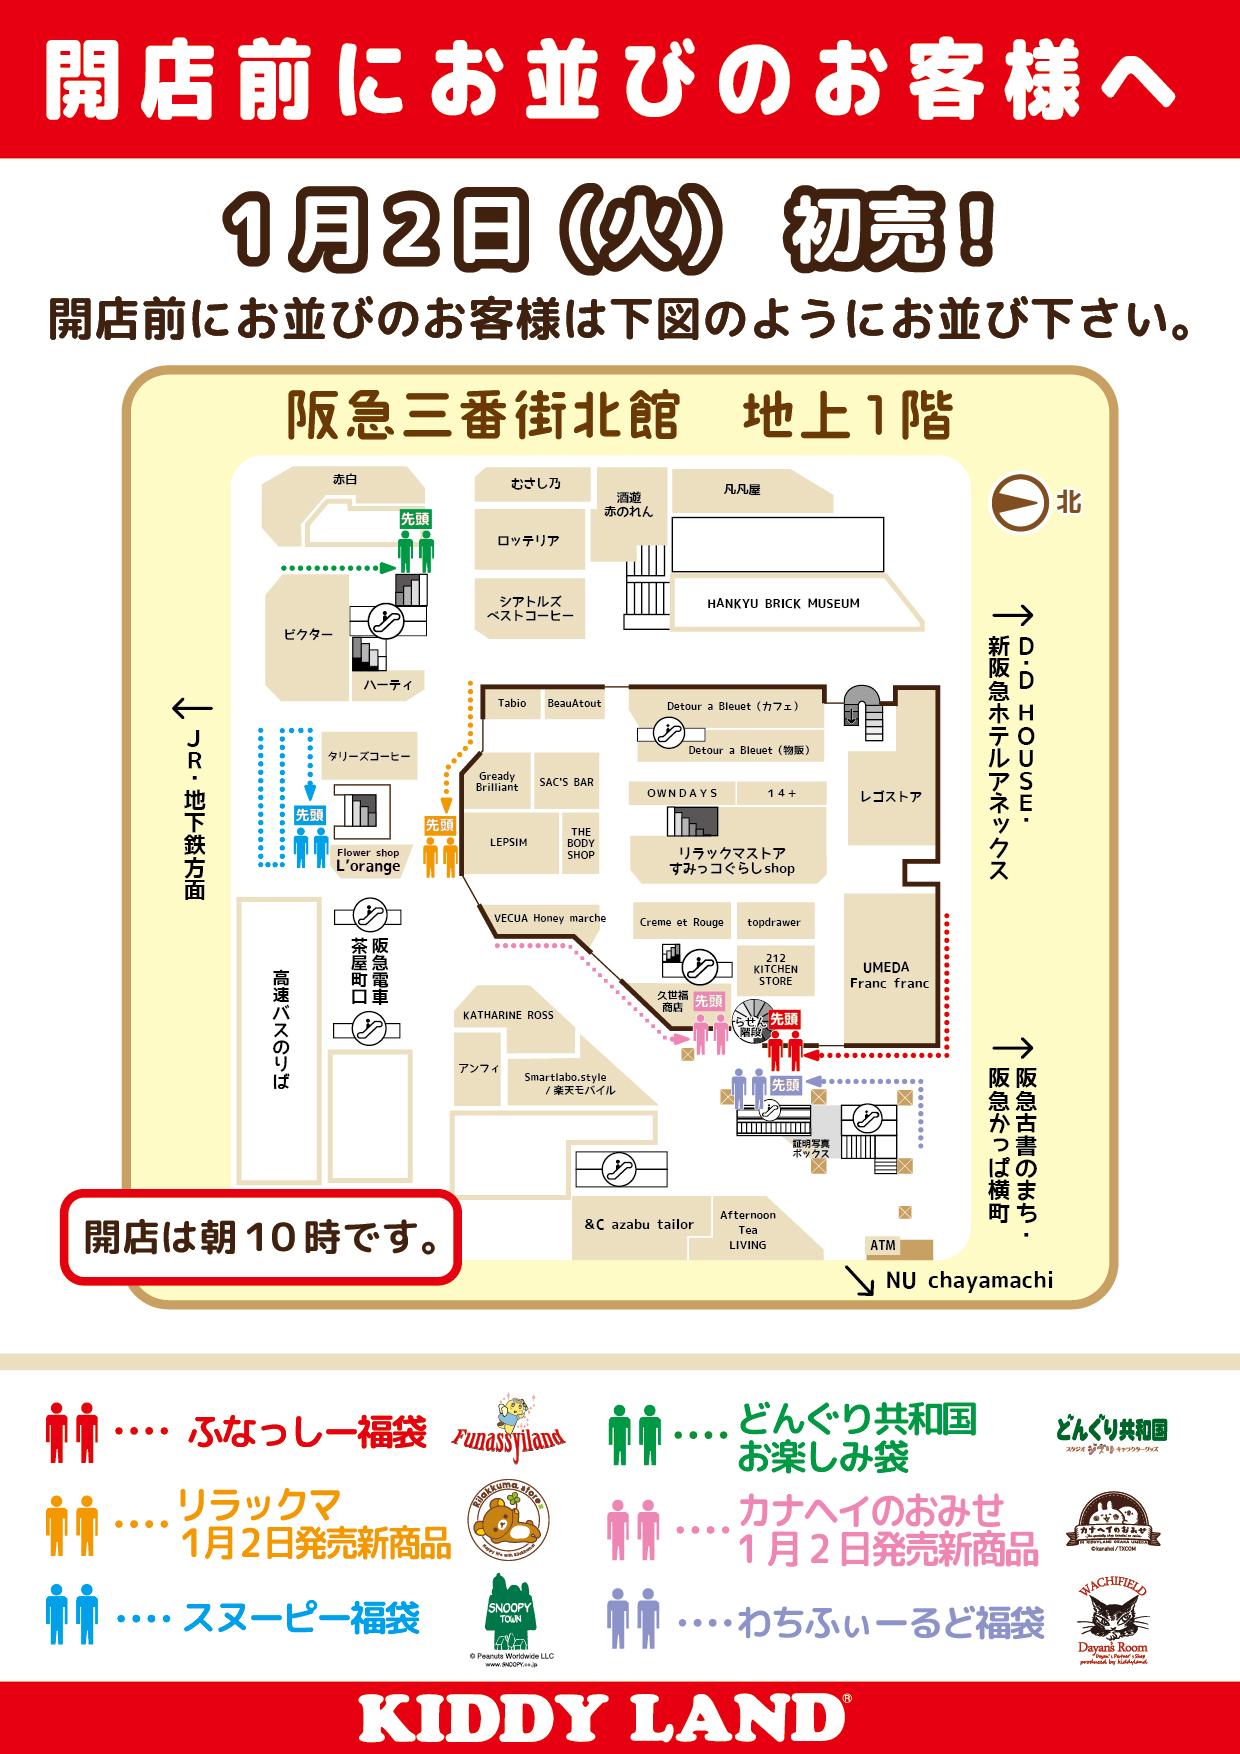 キデイランド大阪梅田2018.1月初売りMAP.jpg